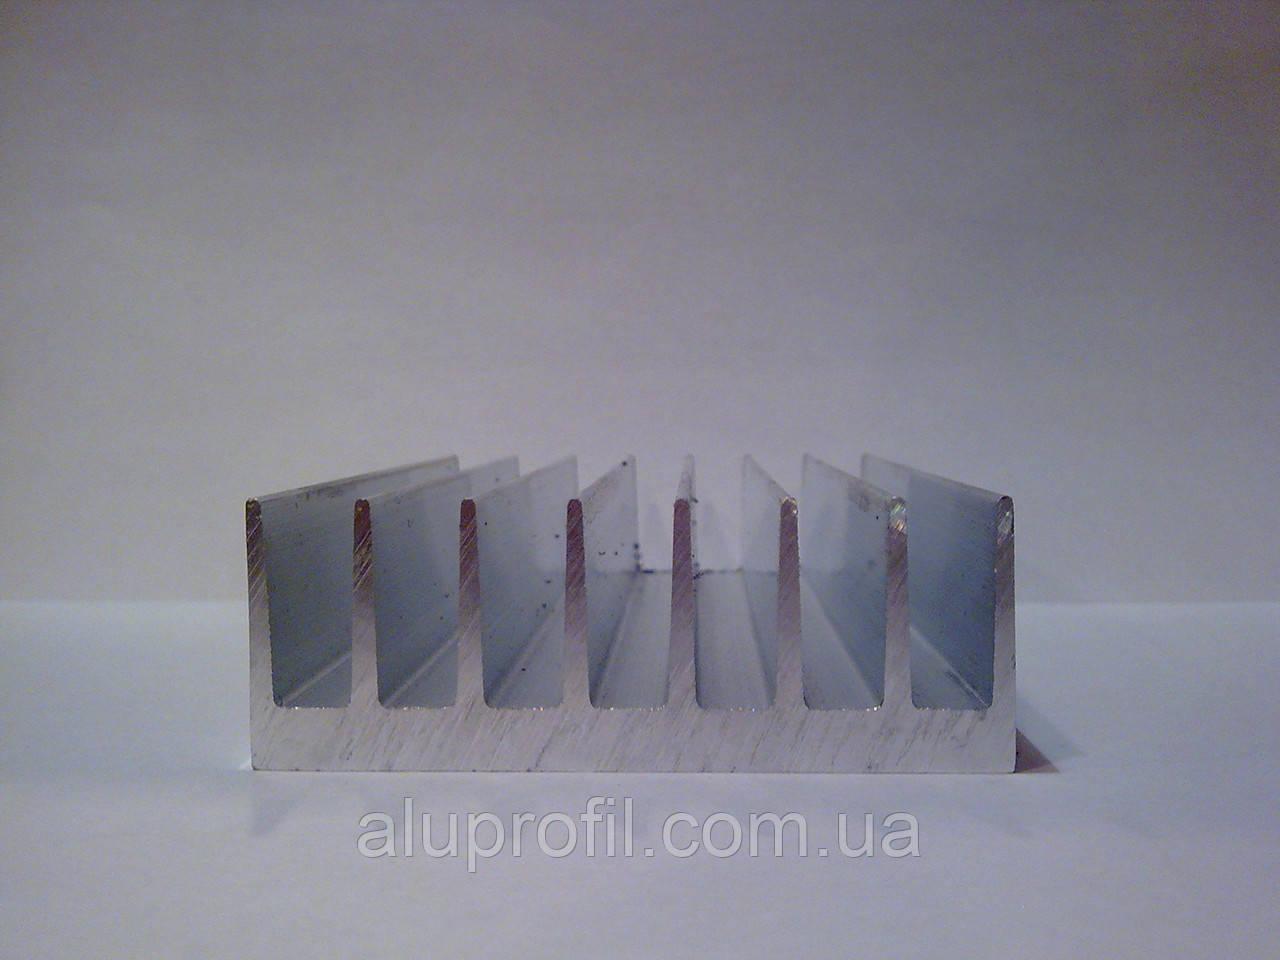 Алюминиевый профиль радиаторный 72х26 Б/П - Алюминиевый радиаторный профиль